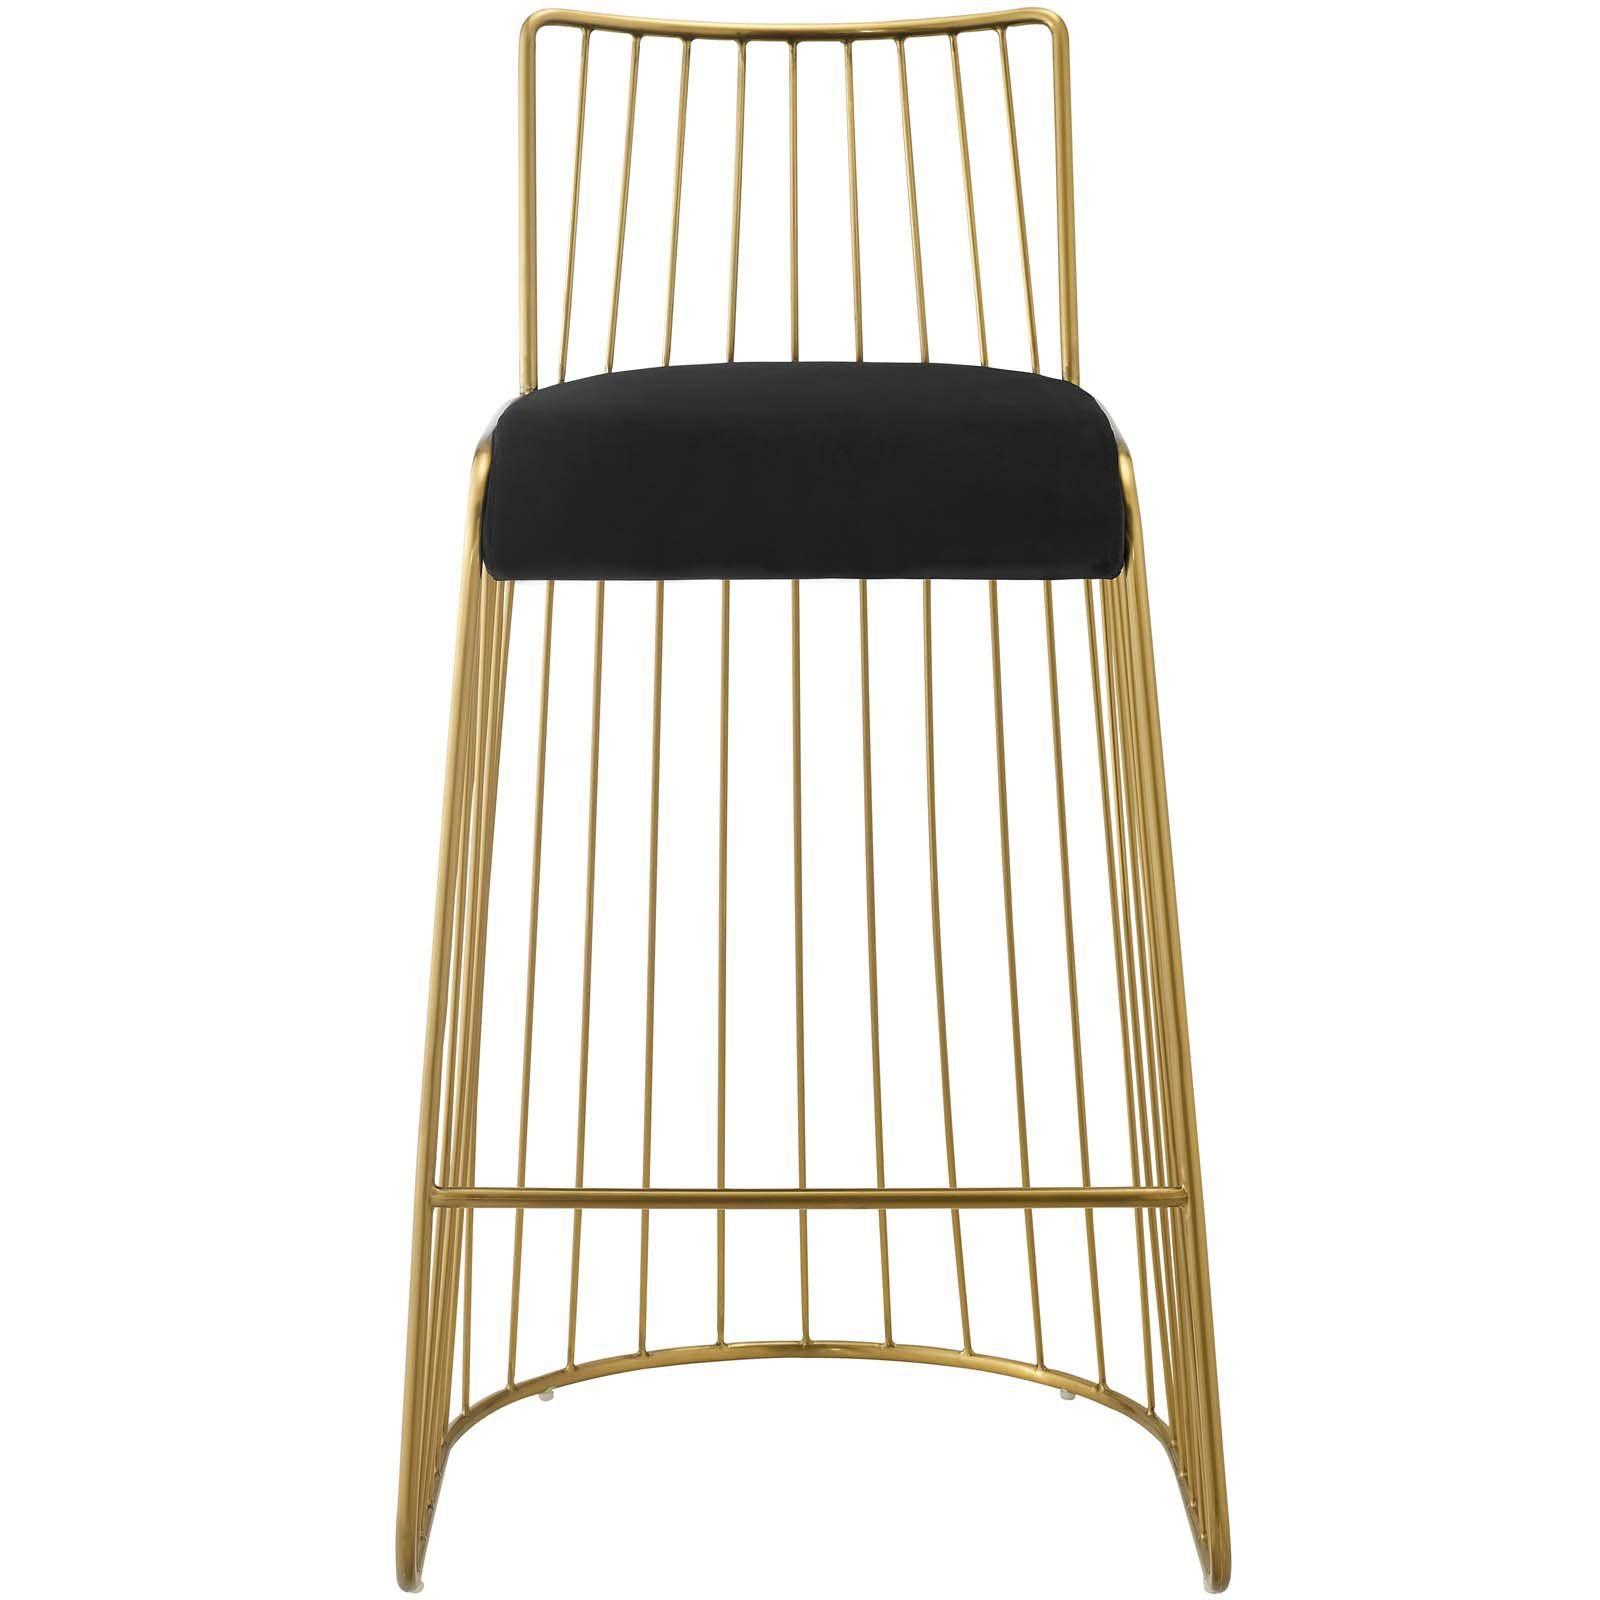 Awe Inspiring Modway Rivulet Velvet Spindle Back Bar Stool In 2019 Evergreenethics Interior Chair Design Evergreenethicsorg